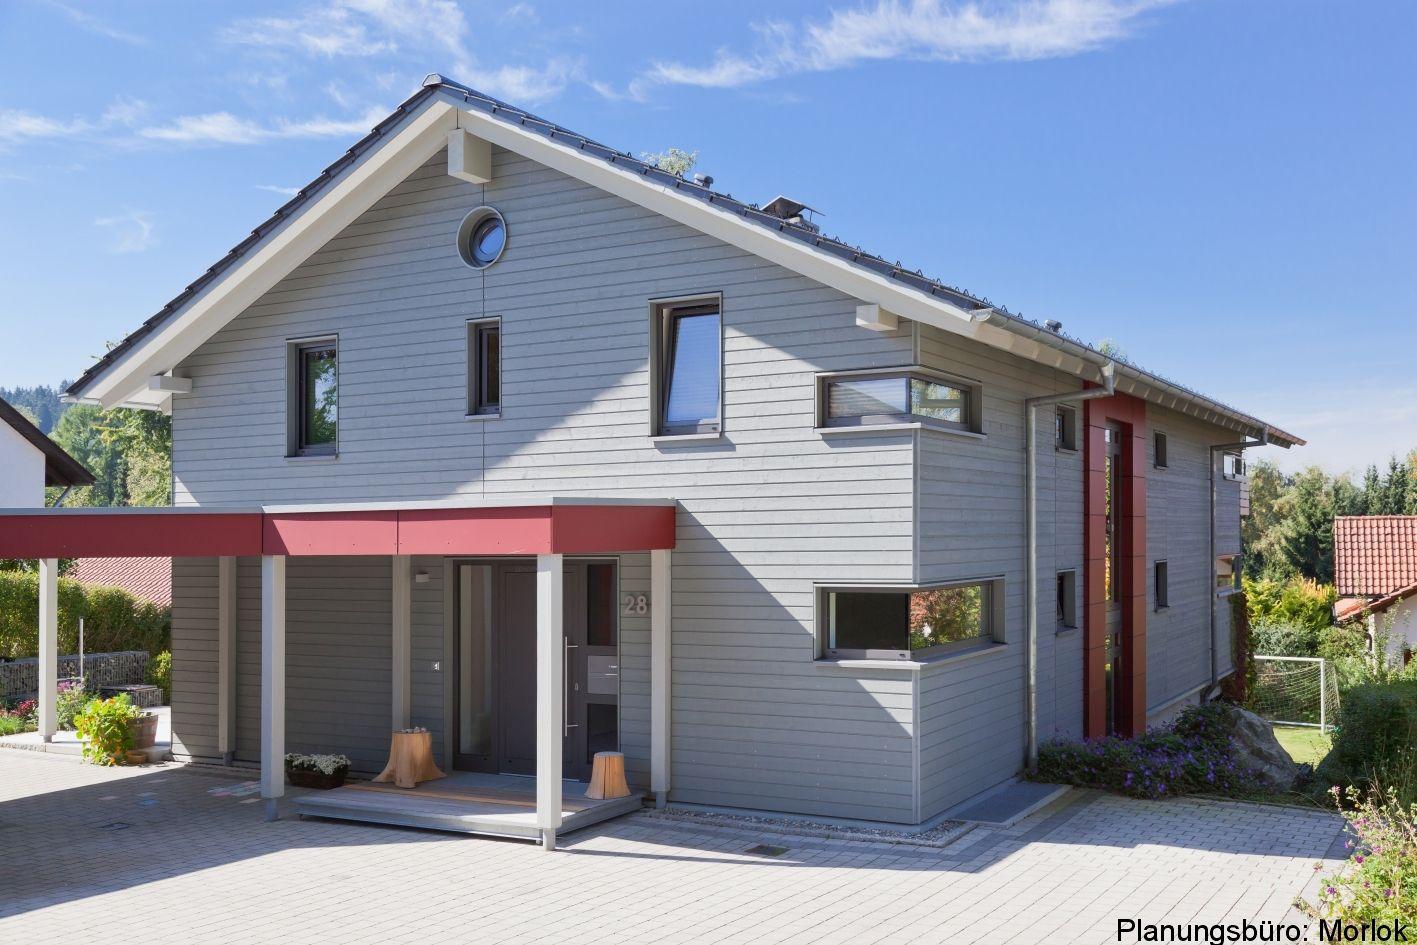 Exquisit Welche Fassadenfarbe Passt Zu Braunen Fenstern Beste Wahl Rot, Grau, Horizontal Verbaut, Natürlich, Farbbehandelt, Wandverkleidung,